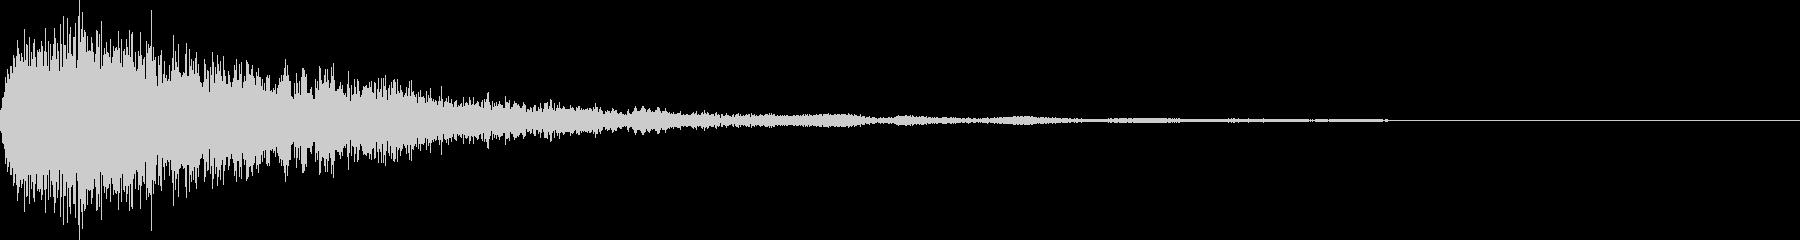 ポワッ(アイテム獲得)の未再生の波形